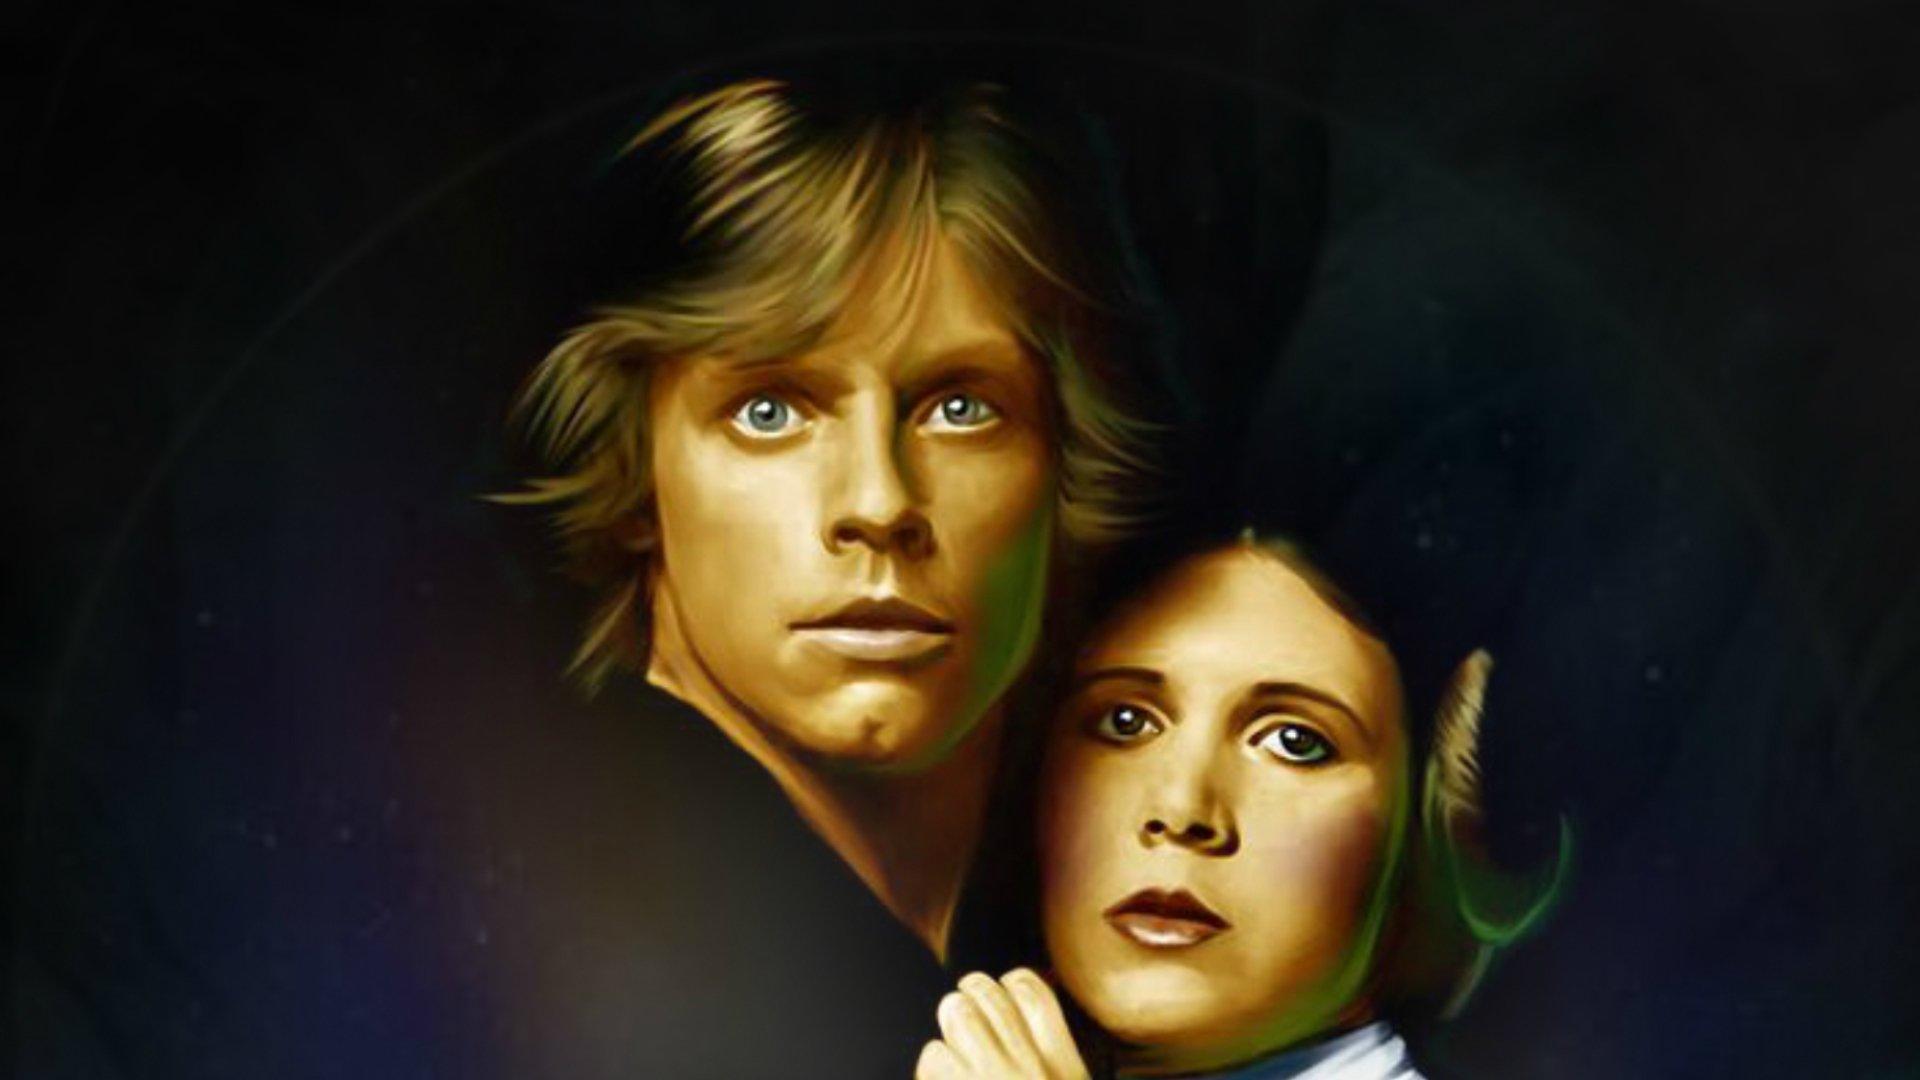 Sci Fi - Star Wars  Luke Skywalker Wallpaper